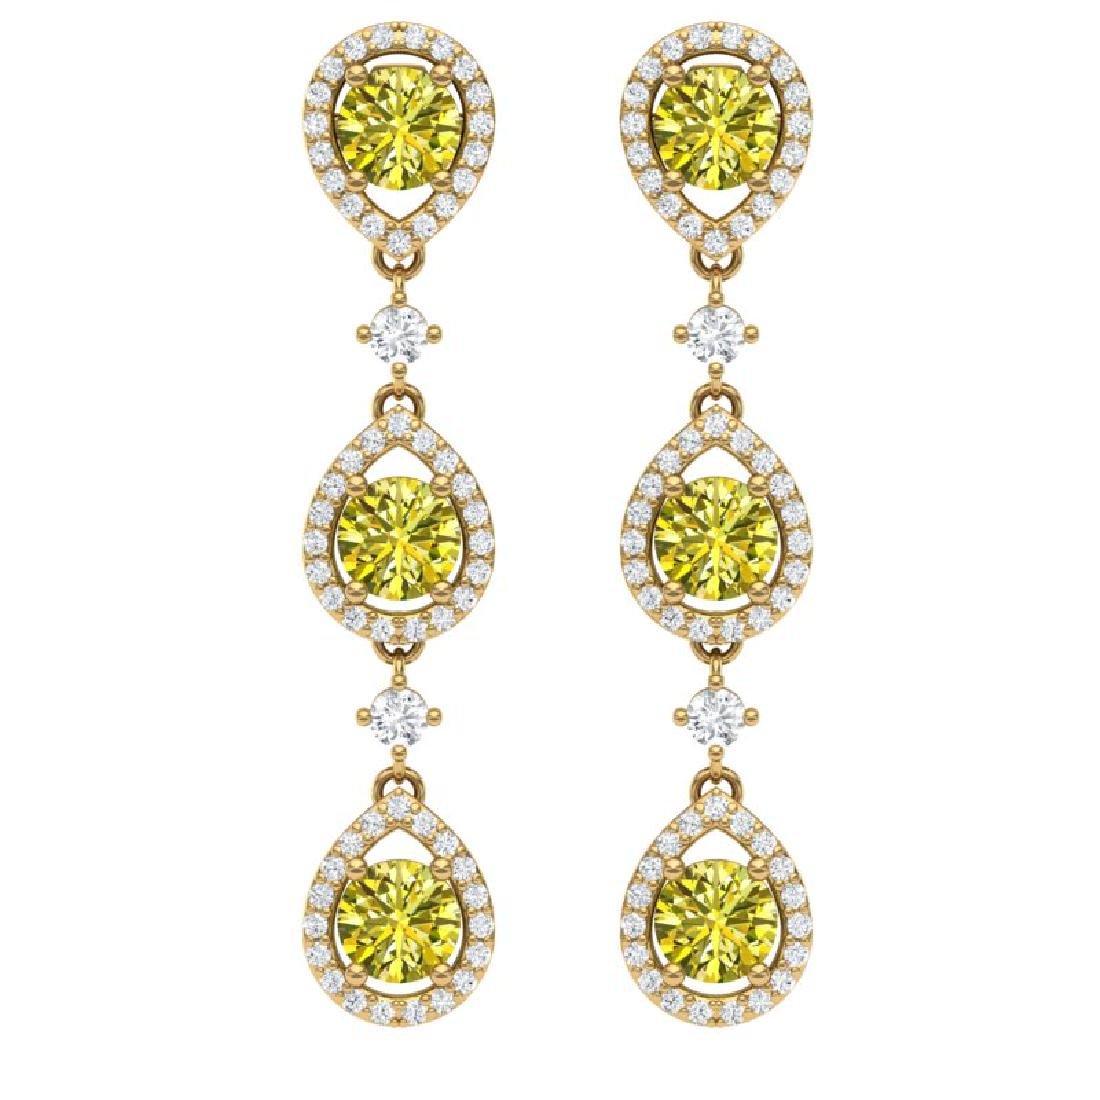 5.11 CTW Fancy Yellow SI Diamond Earrings 18K Yellow